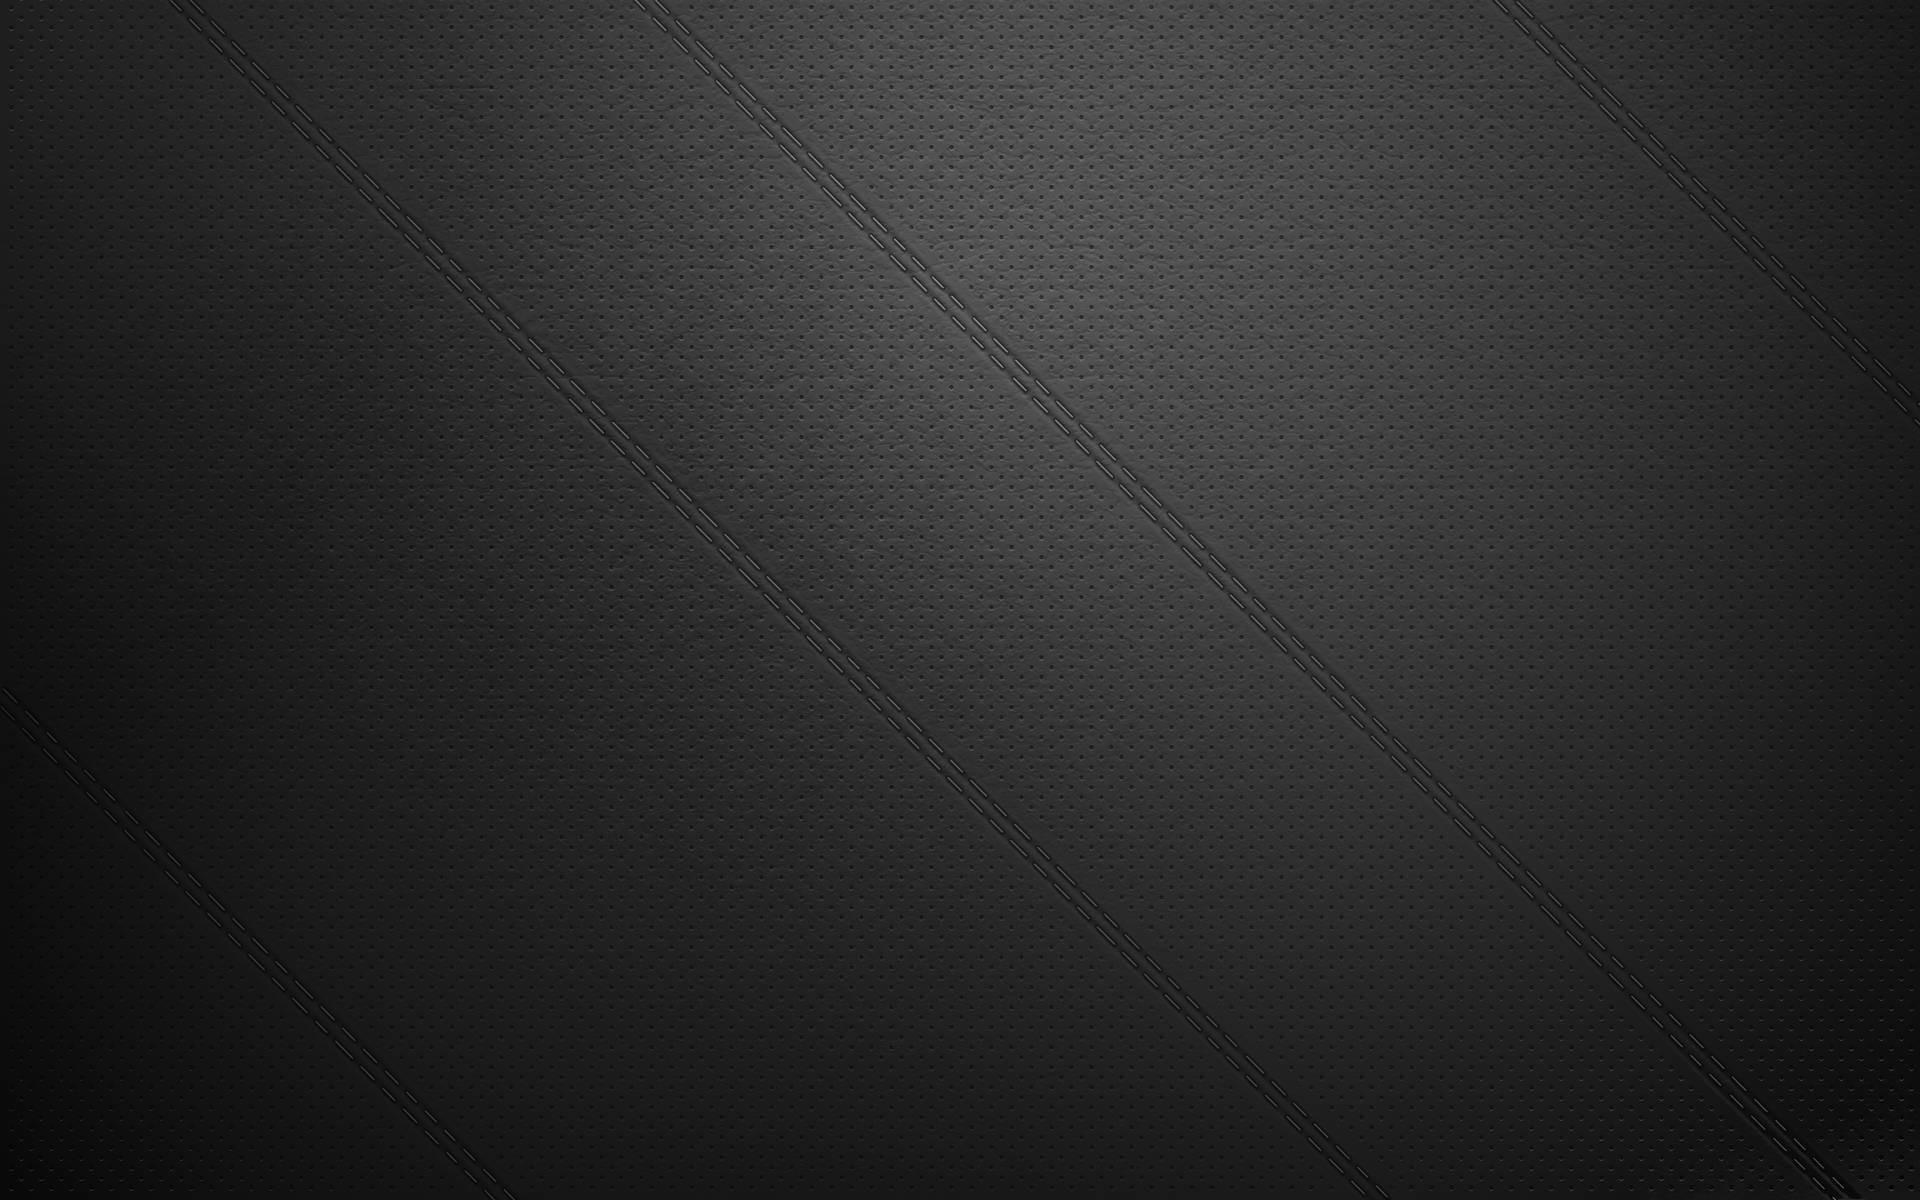 Plain Color Desktop Wallpaper 1920×1200